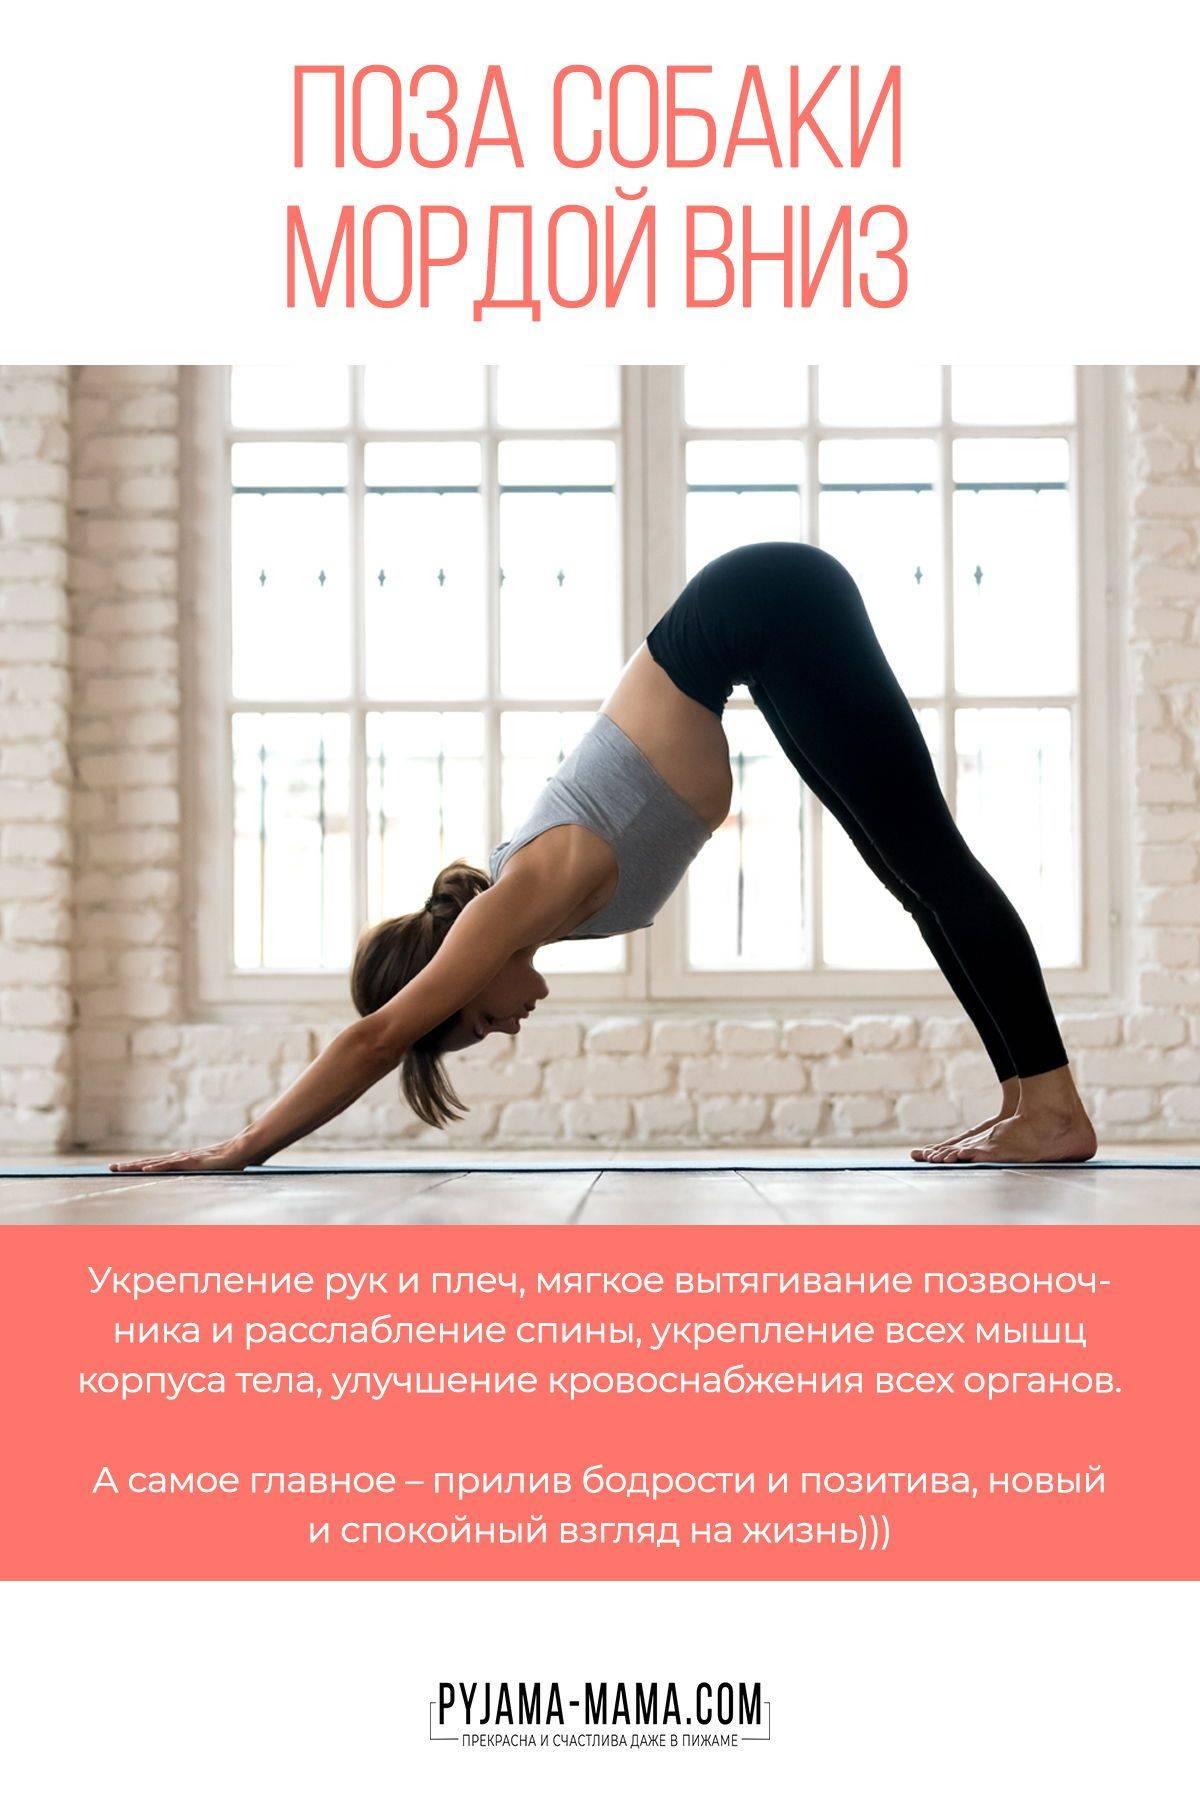 Йога для похудения для начинающих в домашних условиях: эффективные упражнения и позы, достаточно 15 минут